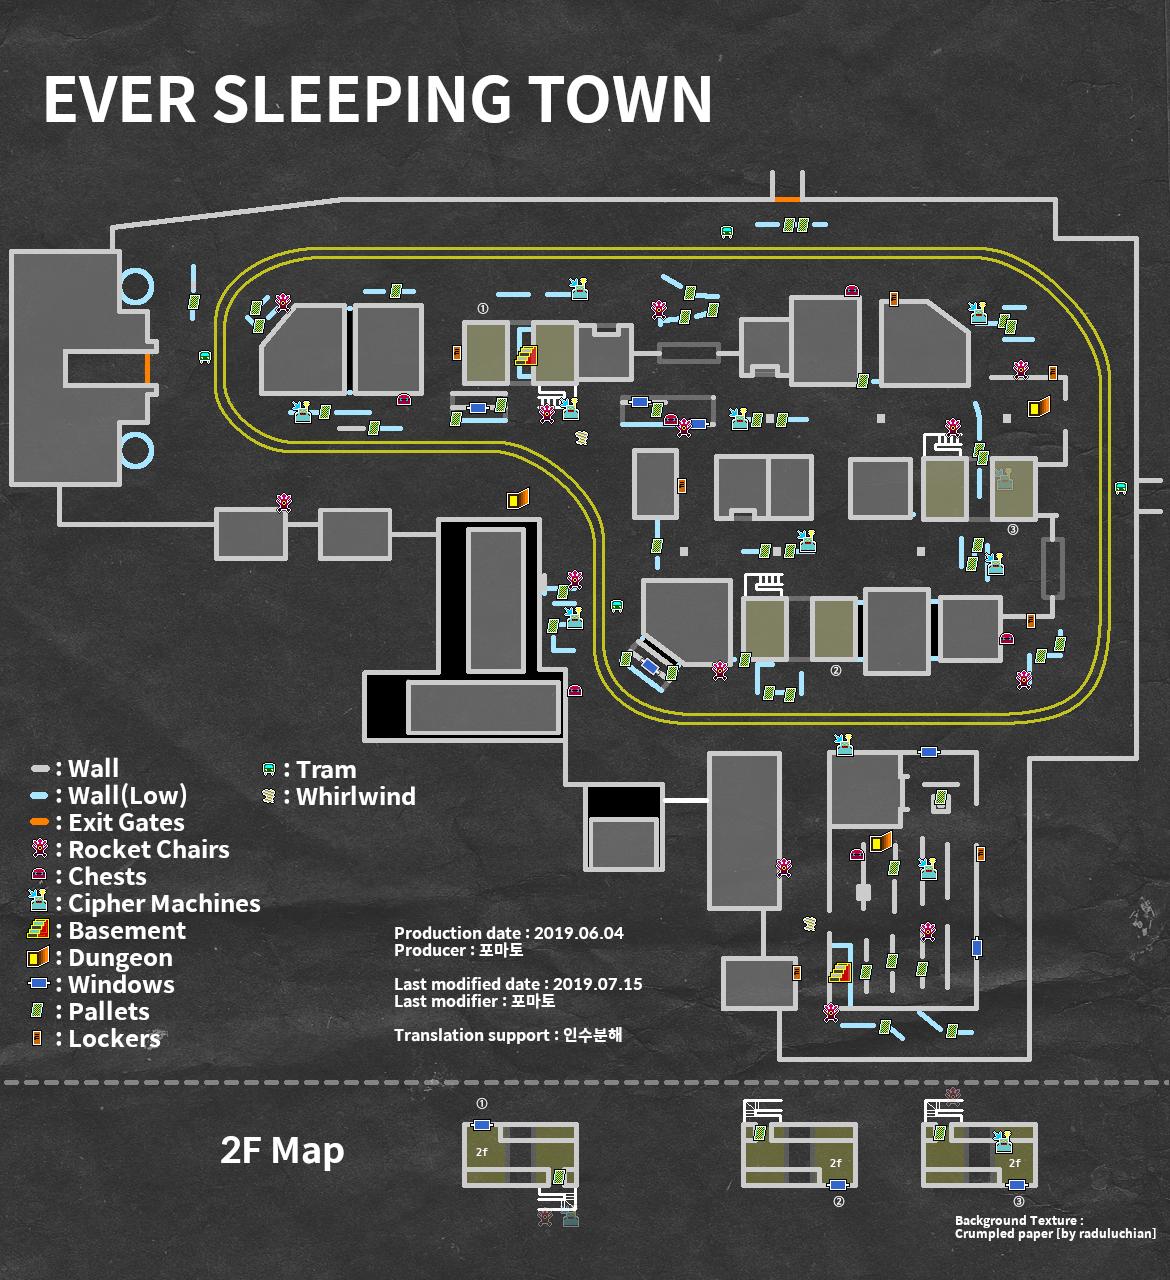 EversleepingTownMap.png